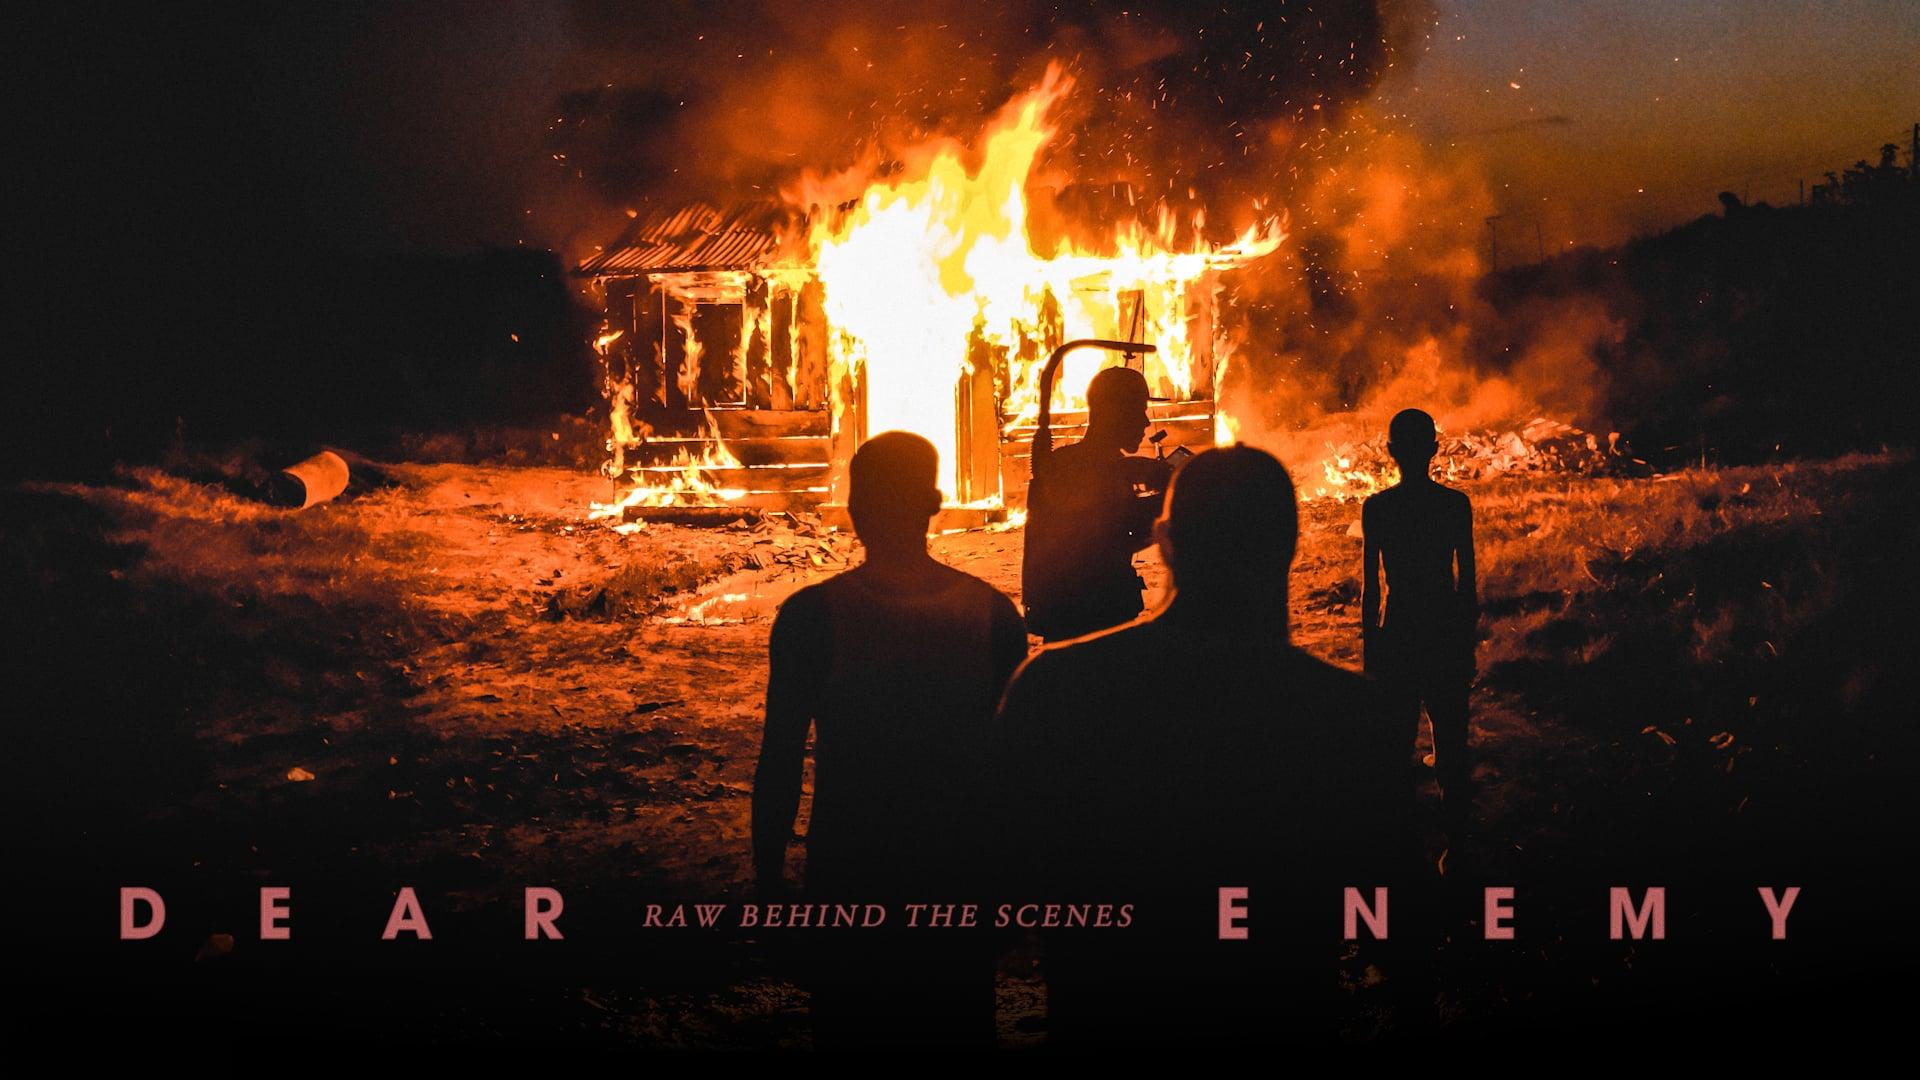 Dear Enemy - RAW Behind the Scenes